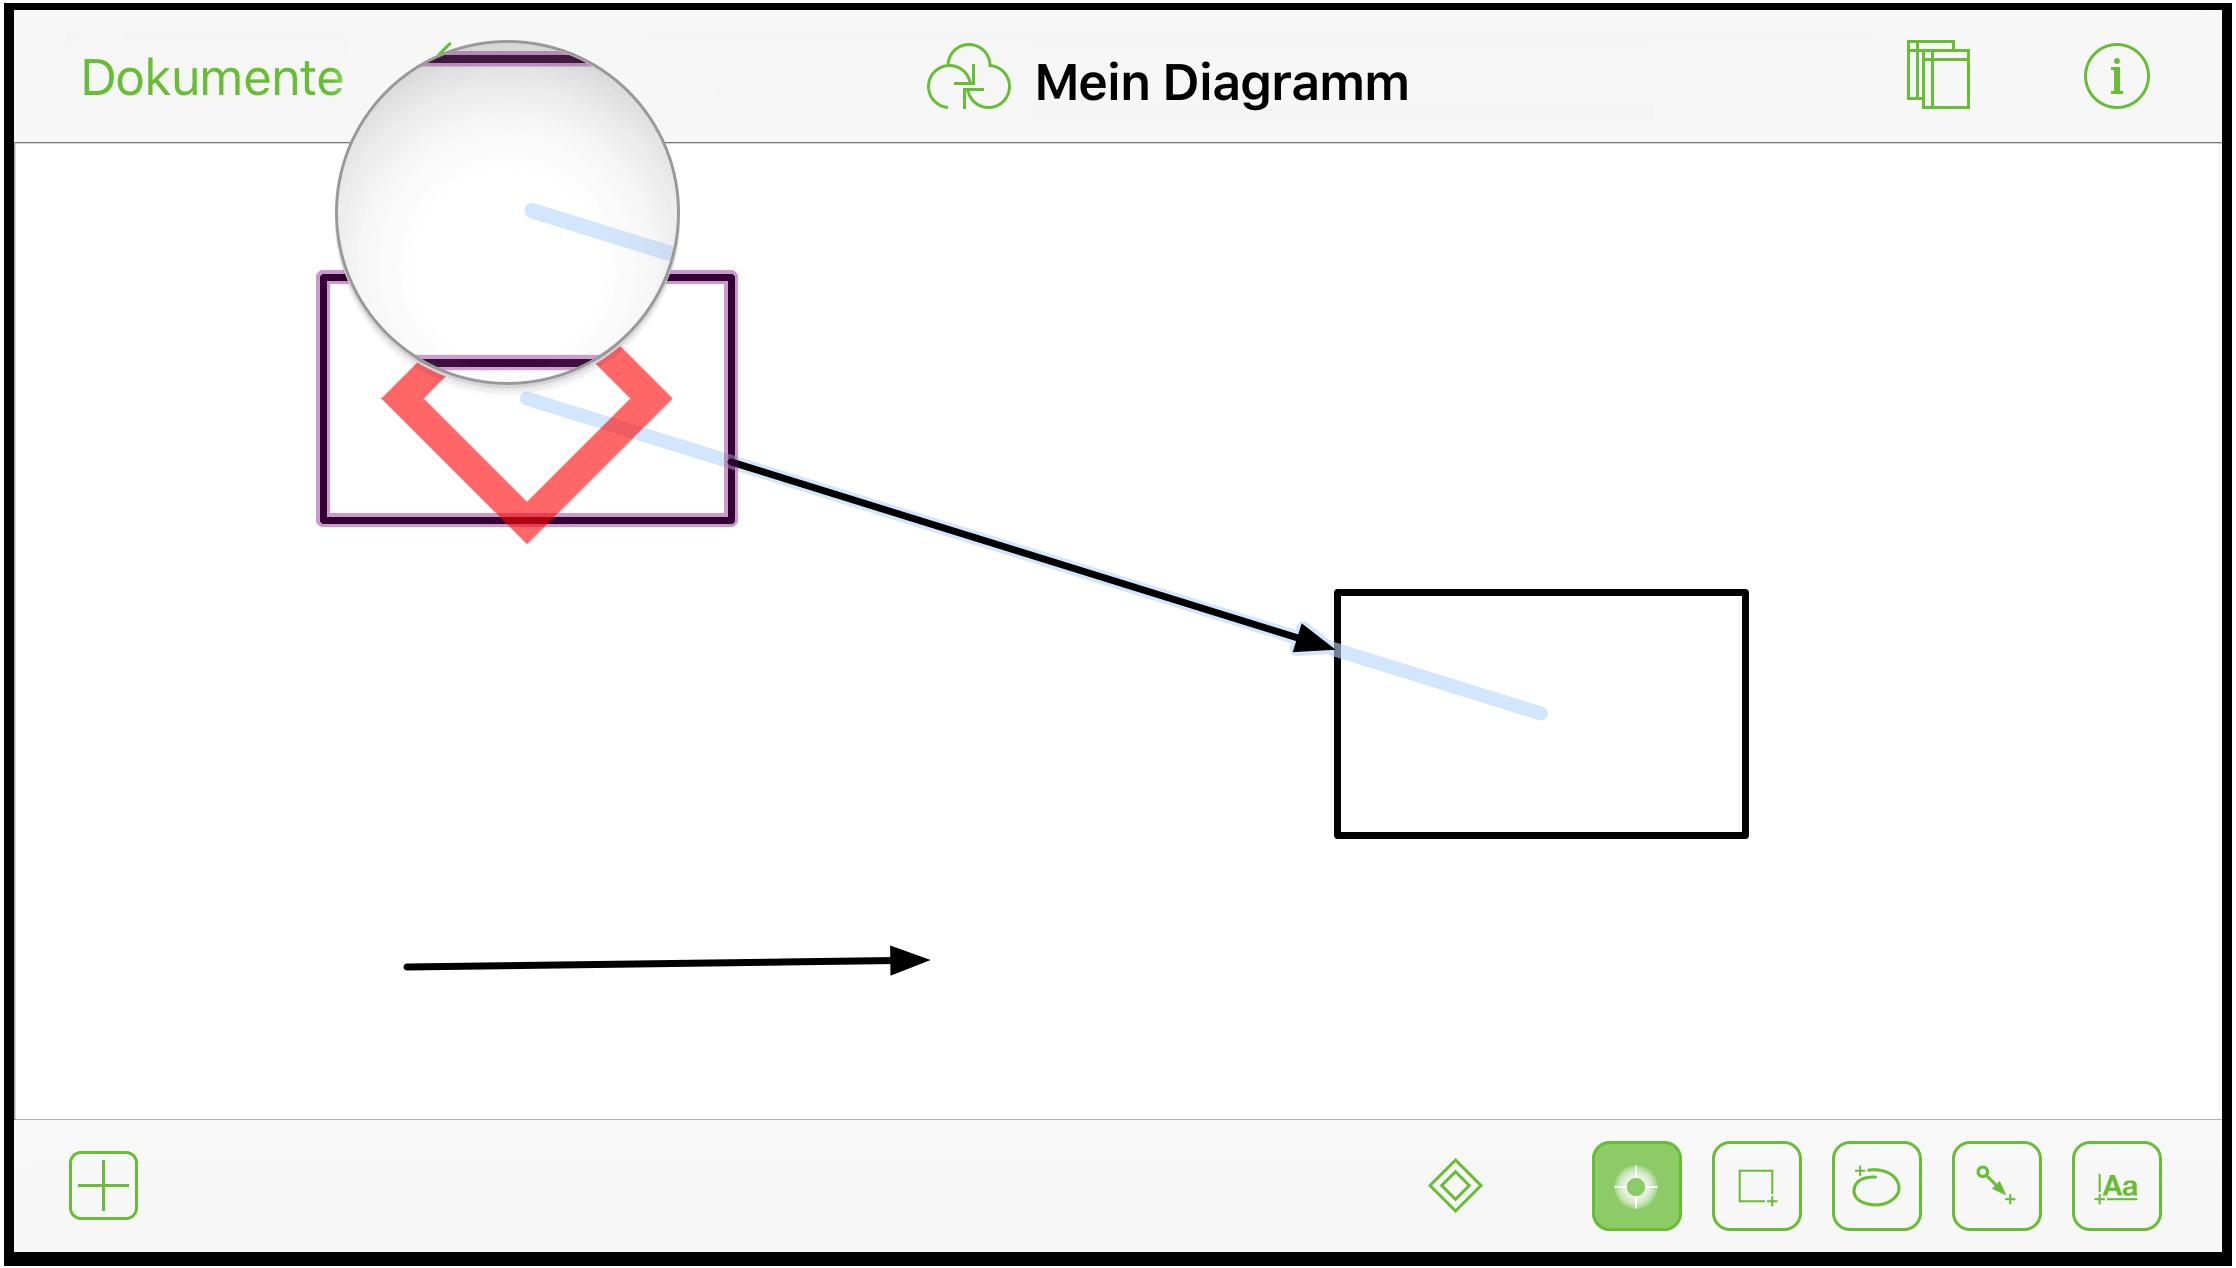 Ziemlich Er Diagramm Zeichenwerkzeug Zeitgenössisch - Der Schaltplan ...